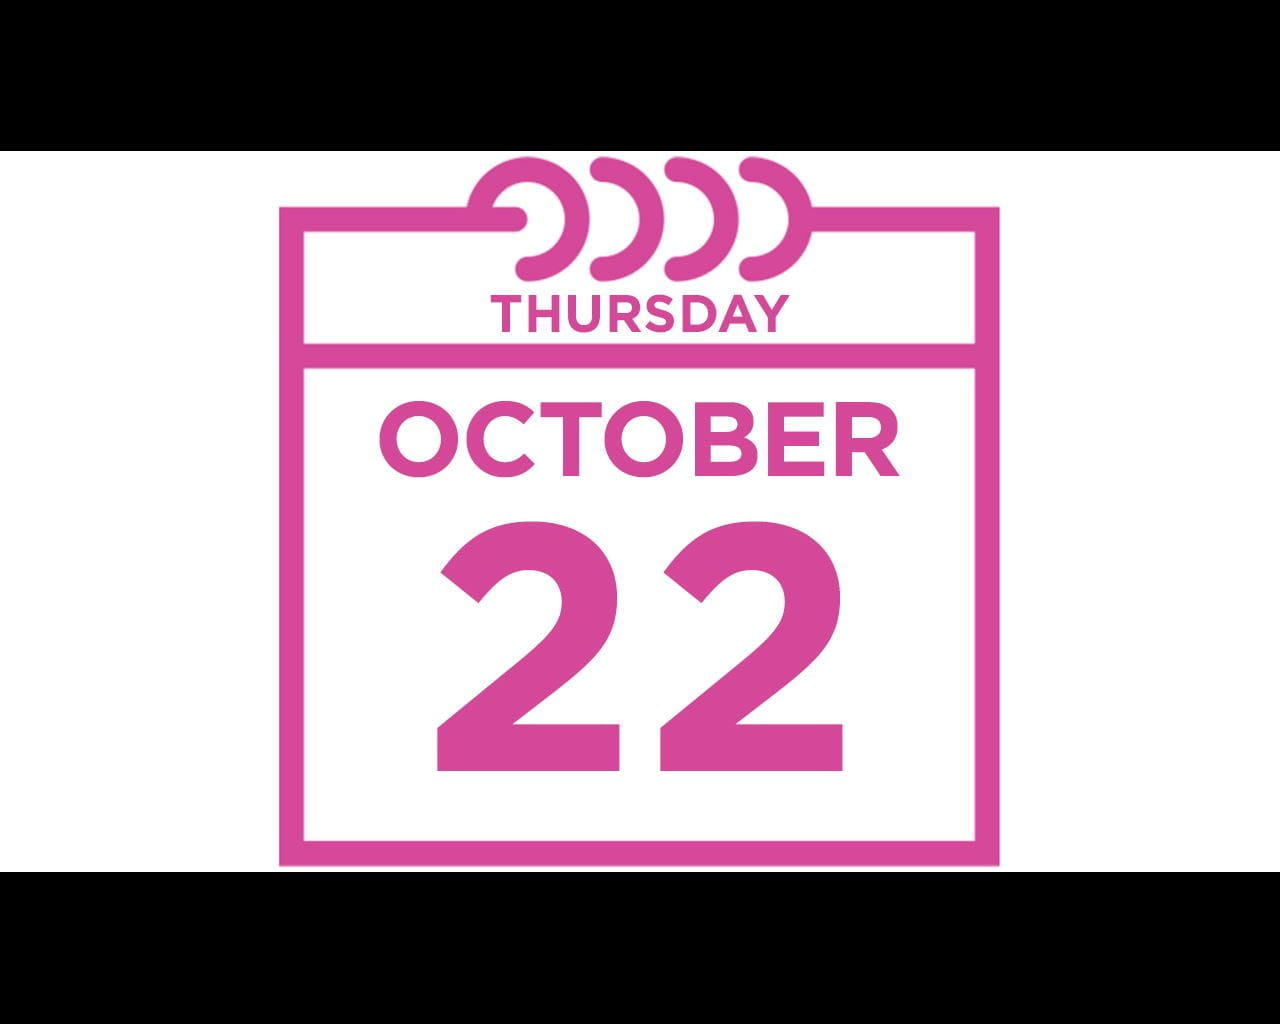 thursday october 22